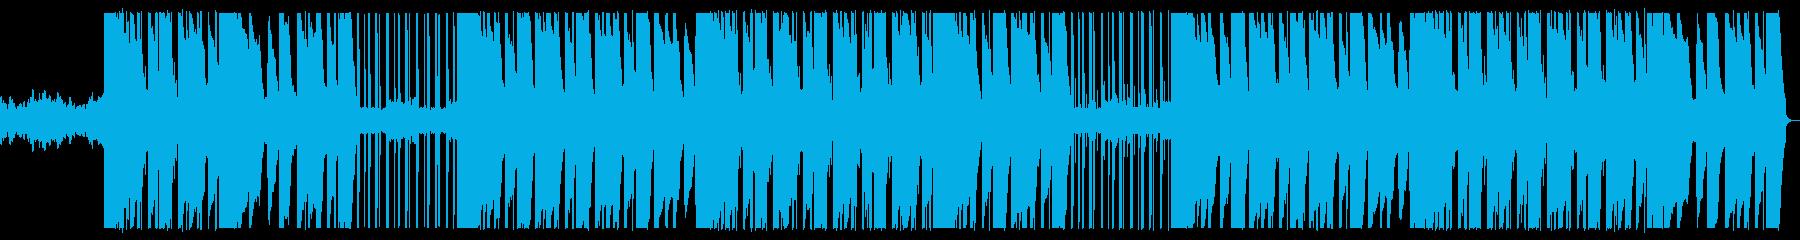 おしゃれ、ボイス、ヒップホップ、ソウルの再生済みの波形